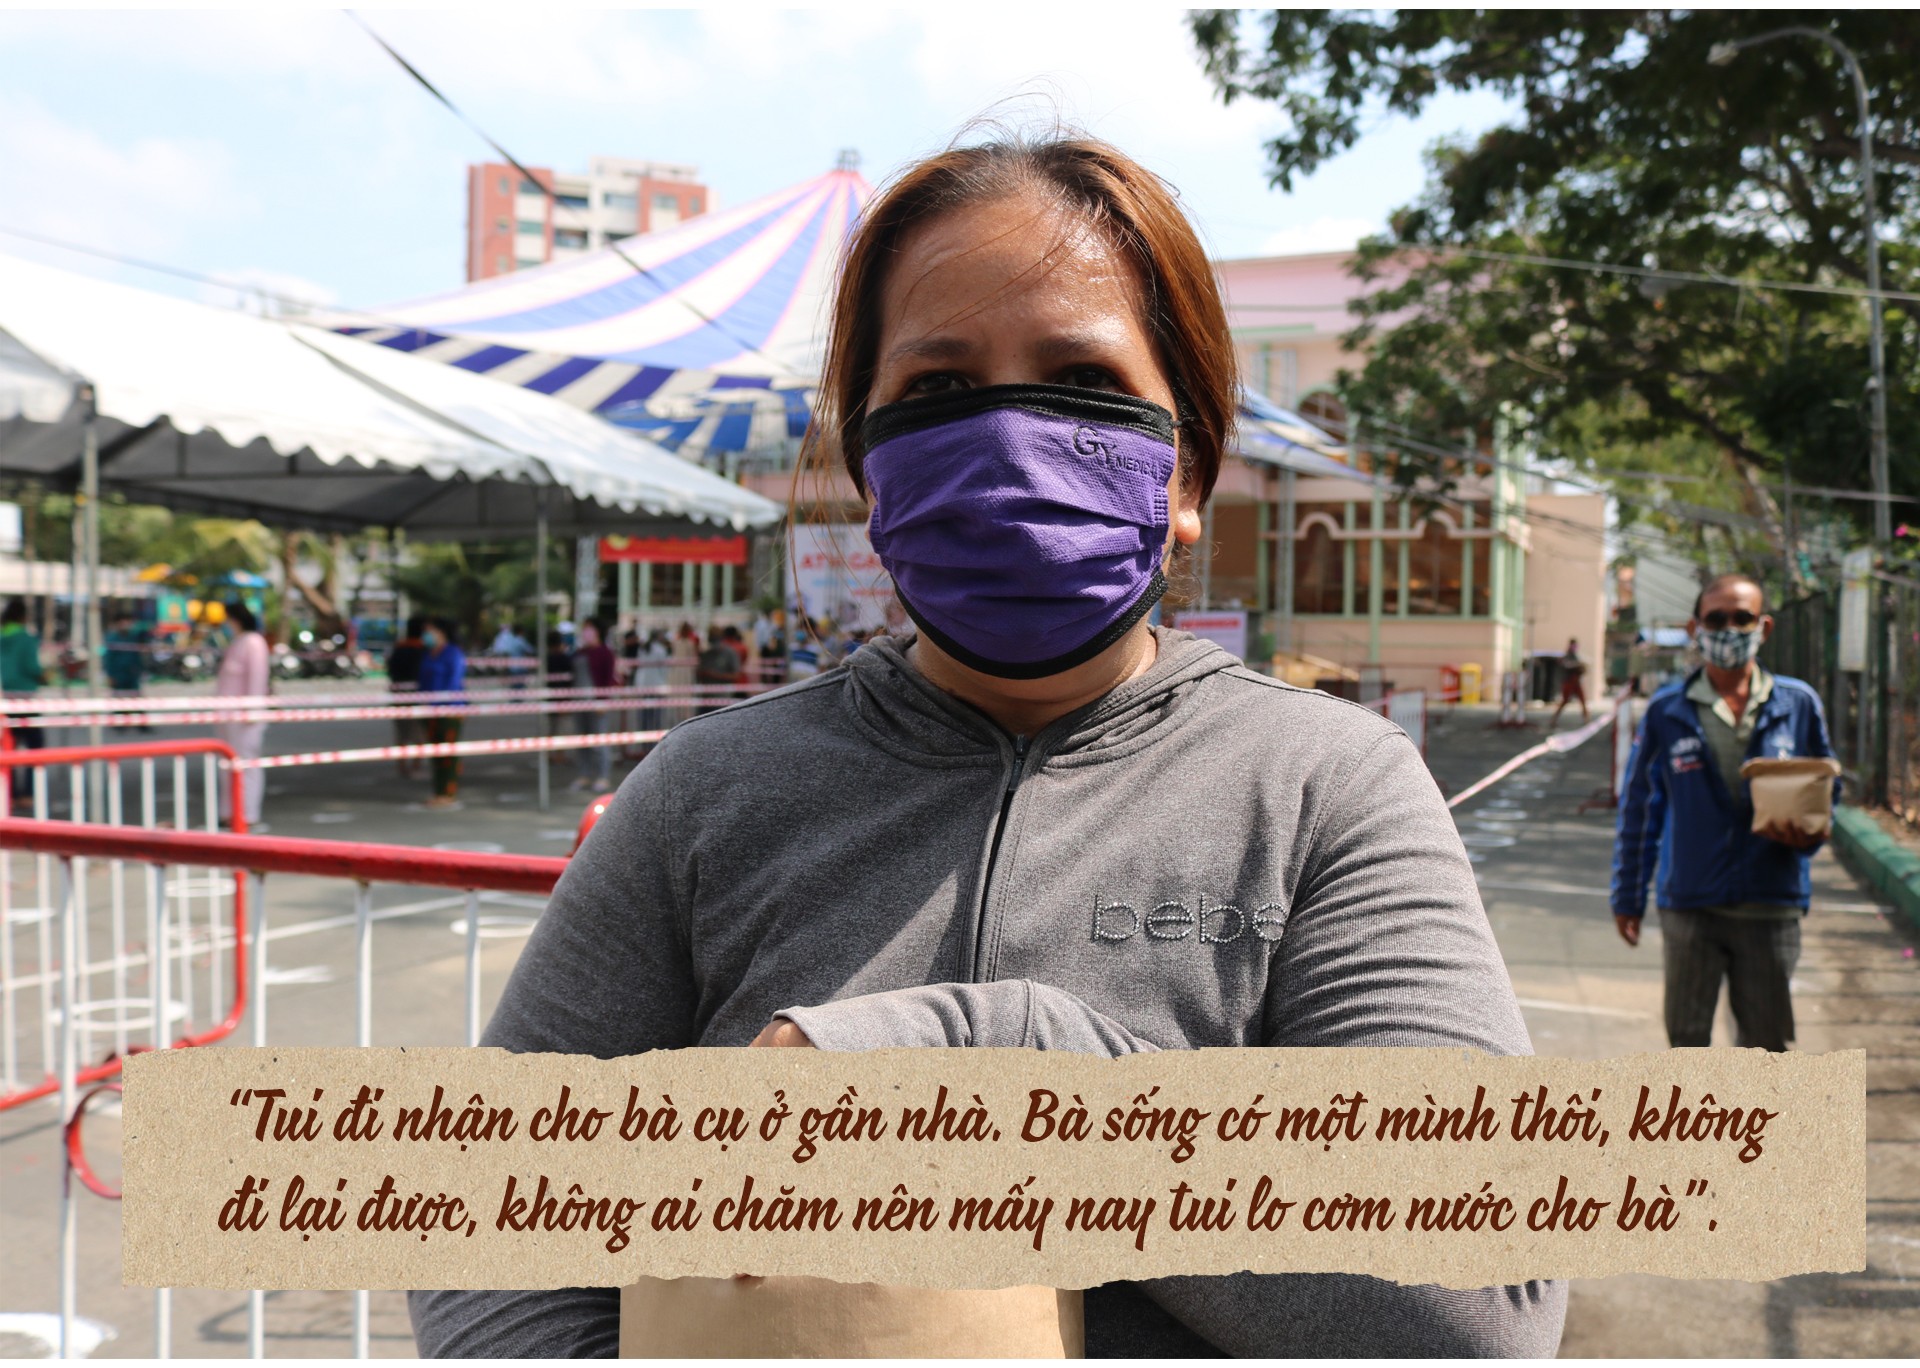 Đi qua mùa dịch: Người Sài Gòn đúng thật 'tánh kỳ' - ảnh 5